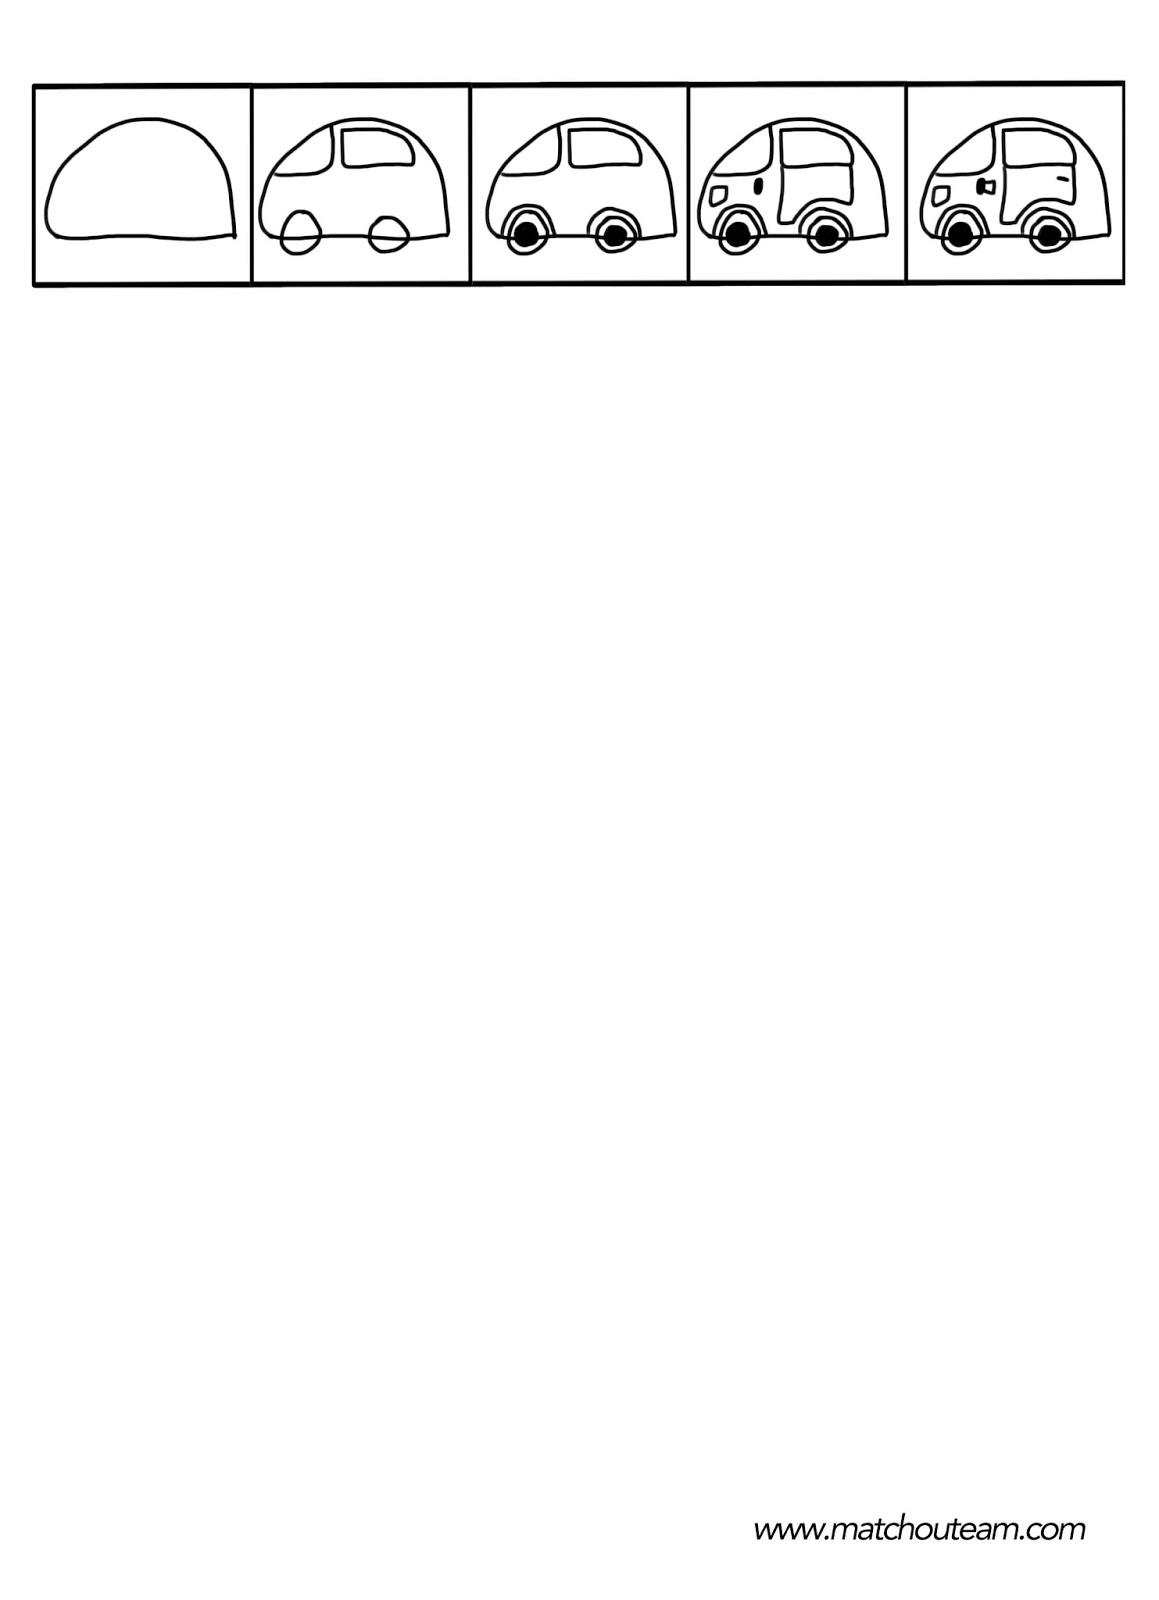 dessin dirigé d'une voiture